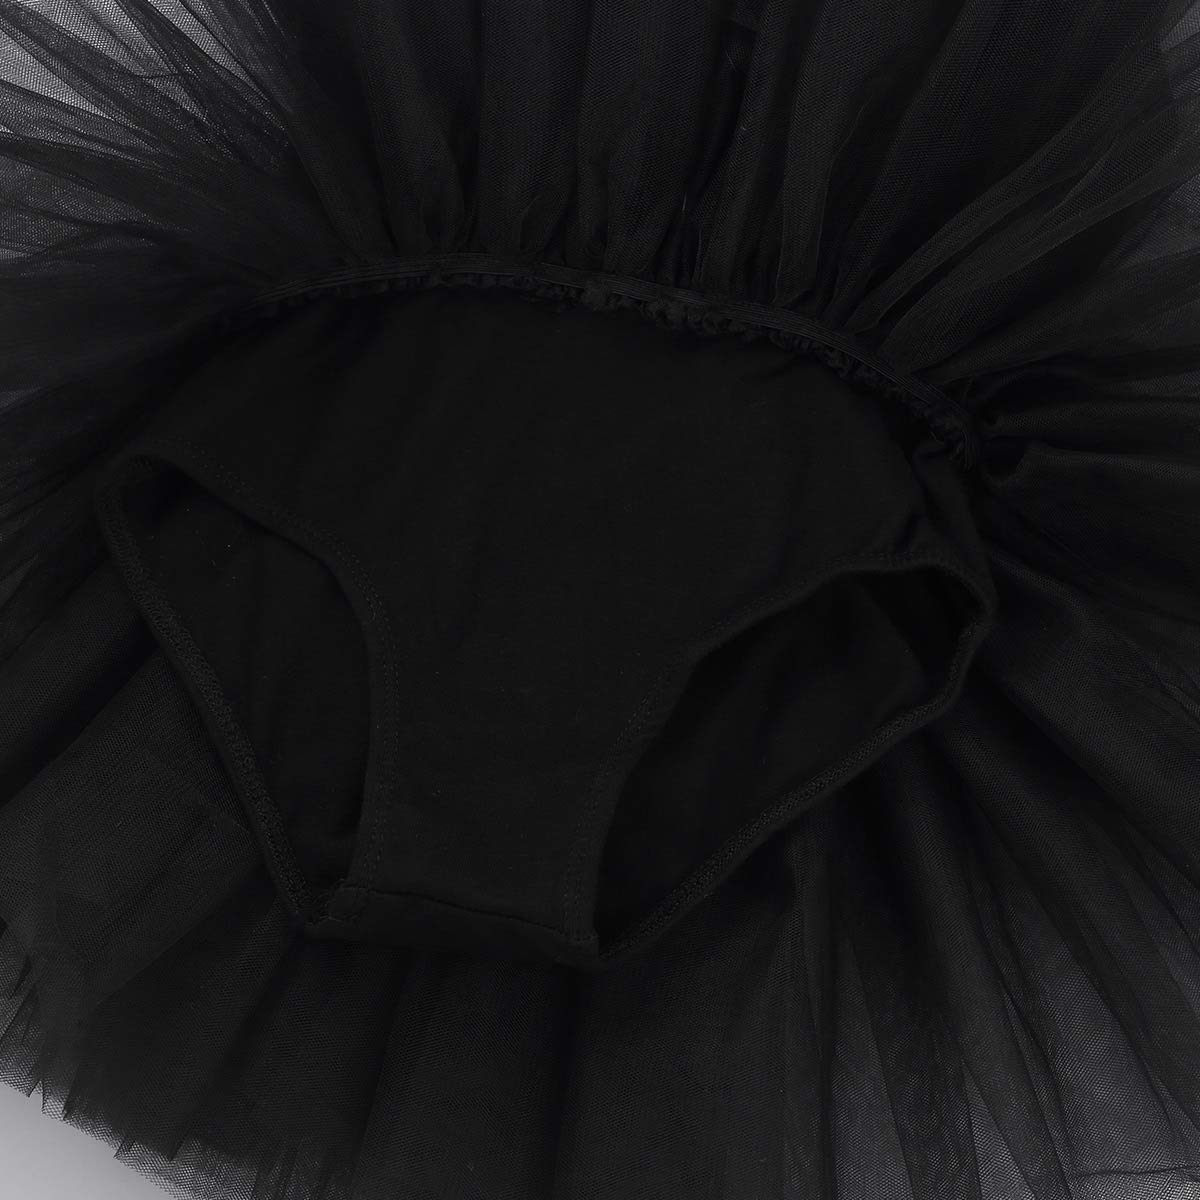 iEFiEL Bambina Leotard Vestito da Balletto Ragazza Body in Cotone Pizzo Ginnastica Danza Classica Tutu Elegante Senza Manica Aderente Allenamento Ballo Stretto 4-12 Anni